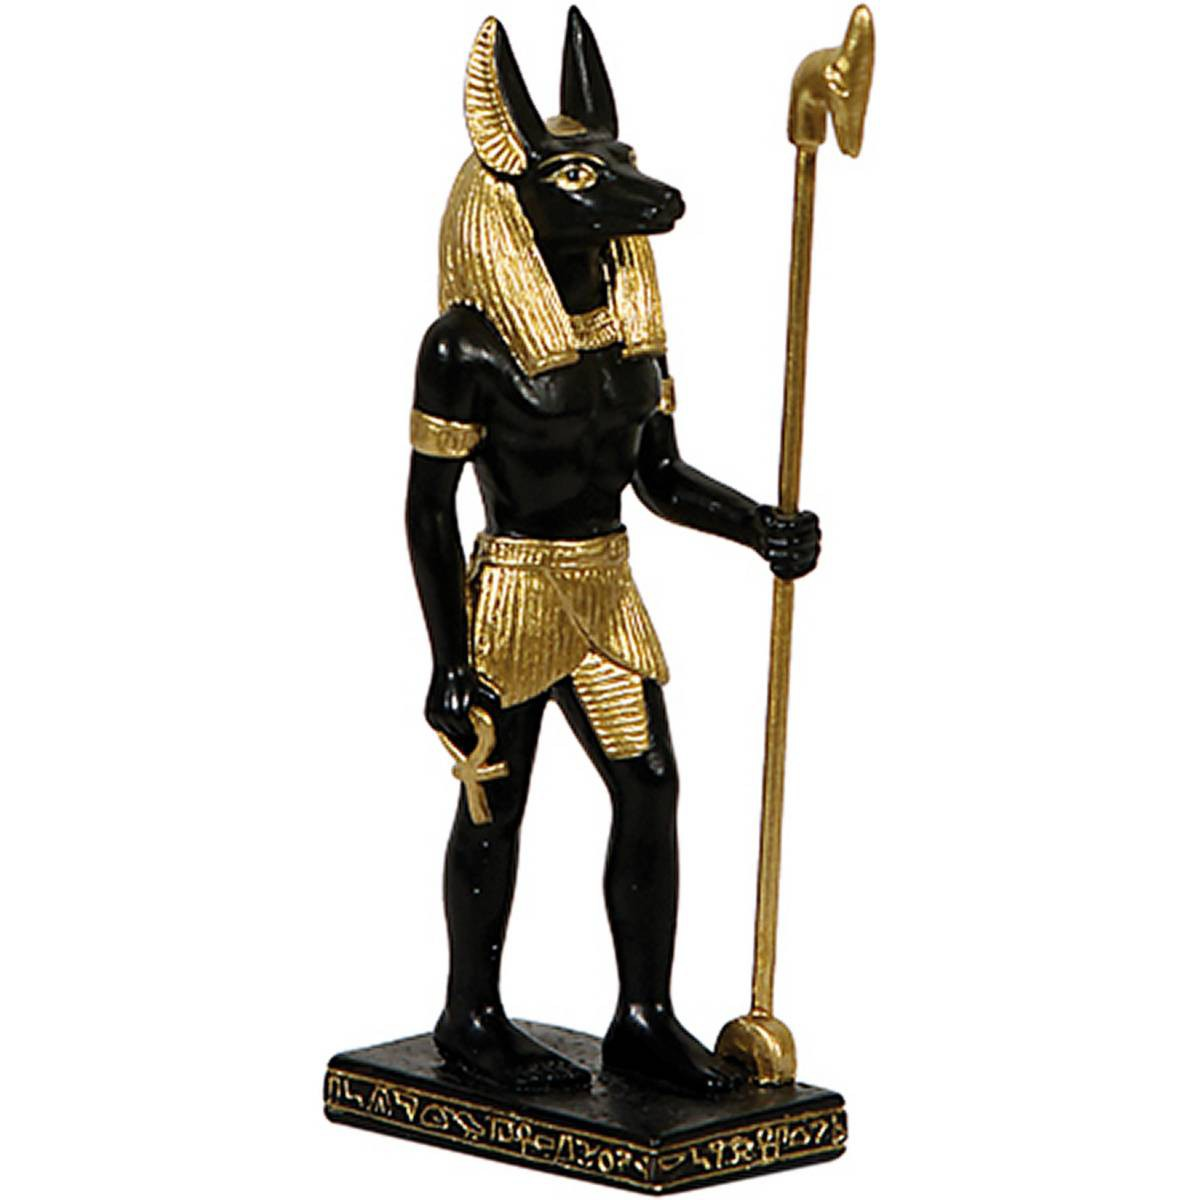 gyptischer Gott Anubis stehend 85cm  eBay